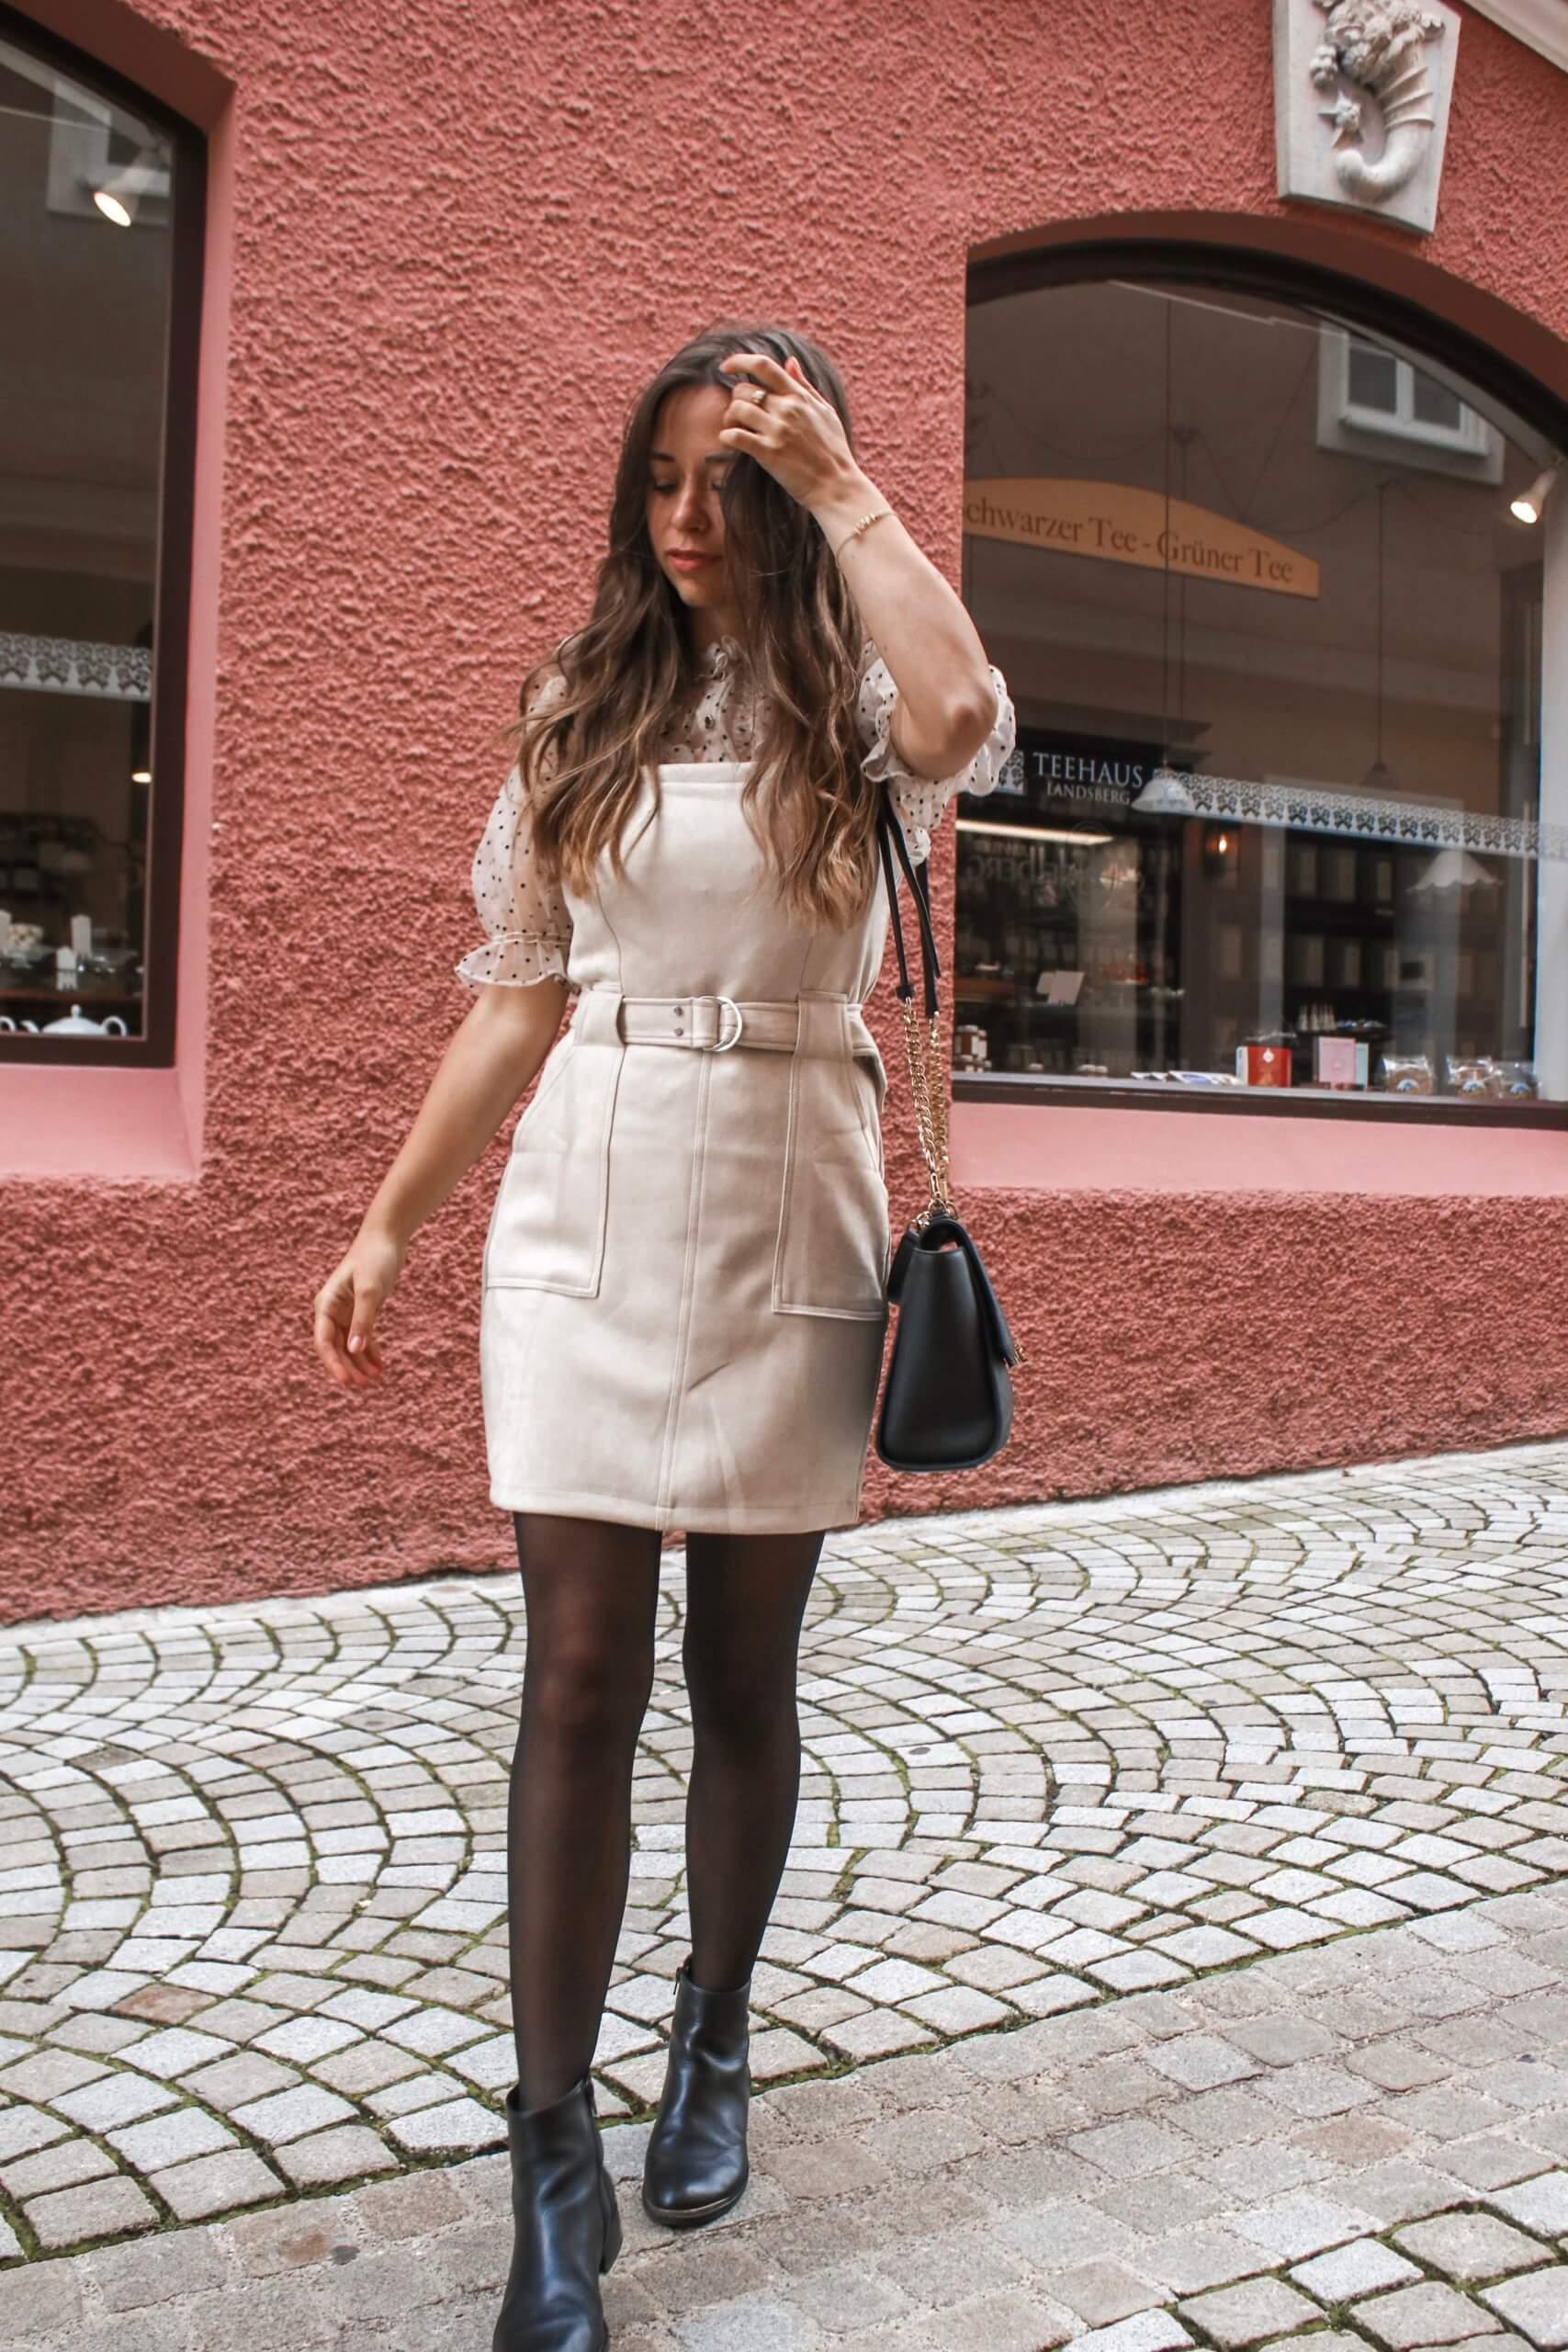 Latzkleid kombinieren - das Trendteil style ich am liebsten so!